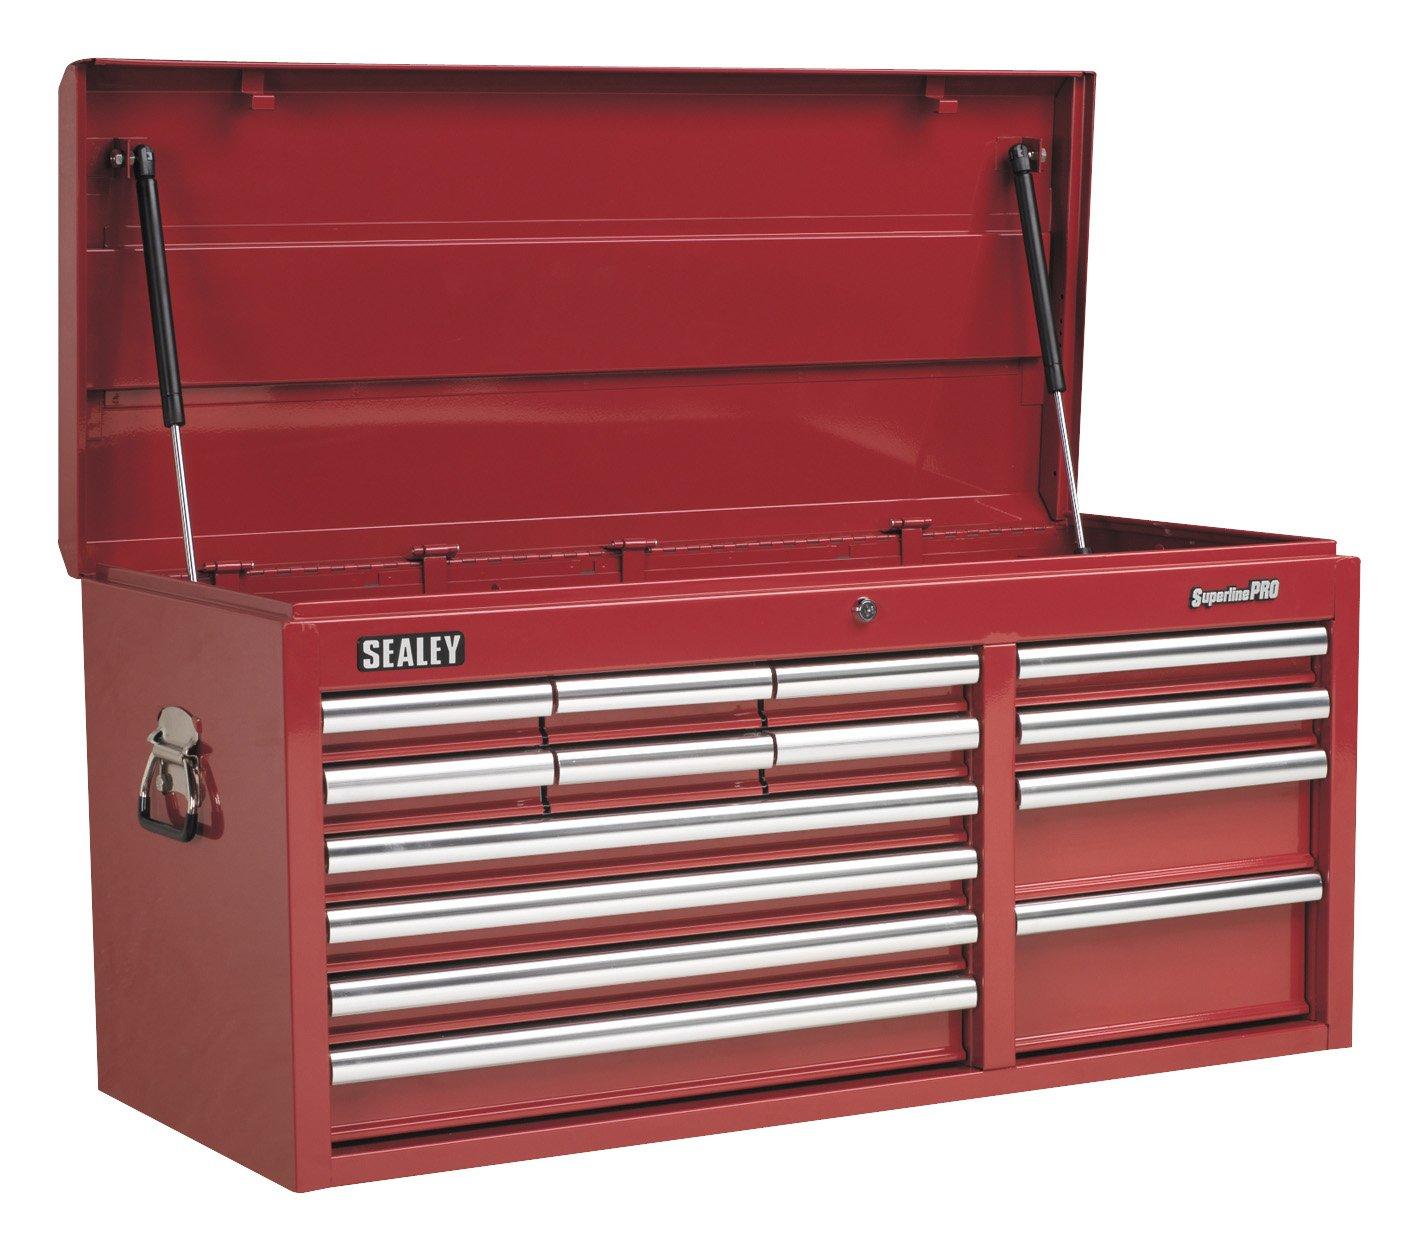 Sealey Werkzeugkiste, mit 14 Schubladen, Kugellager-Schubladenführung, strapazierfähig, 1 Stück Rot